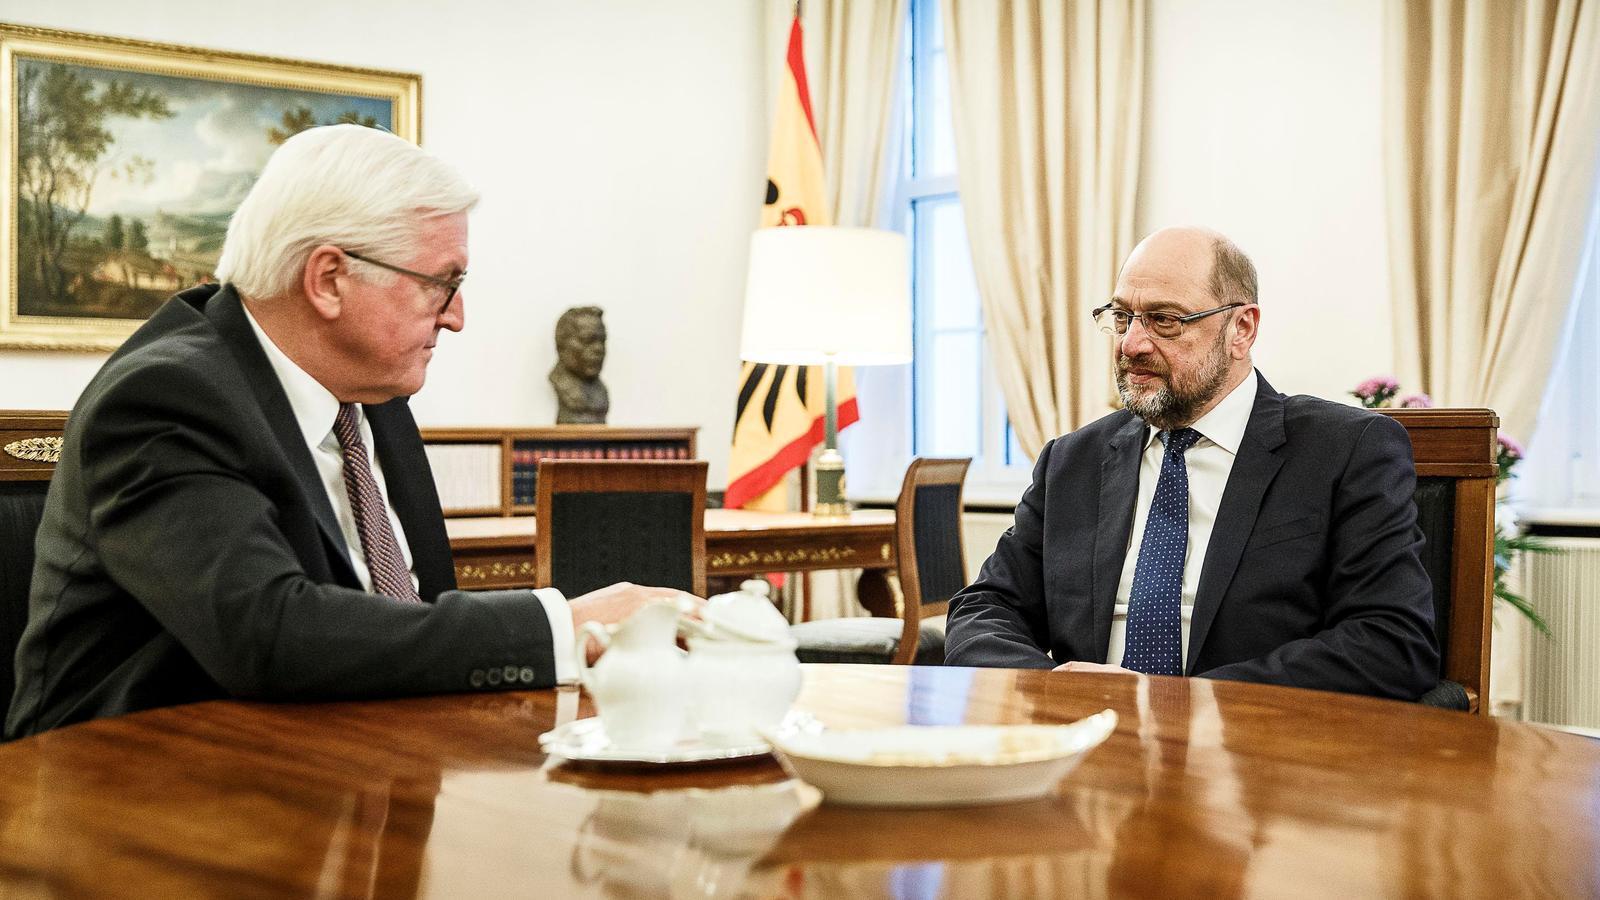 Reunió entre el president alemà, Frank-Walter Steinmeier, i el líder del partit socialdemòcrata, Martin Schulz